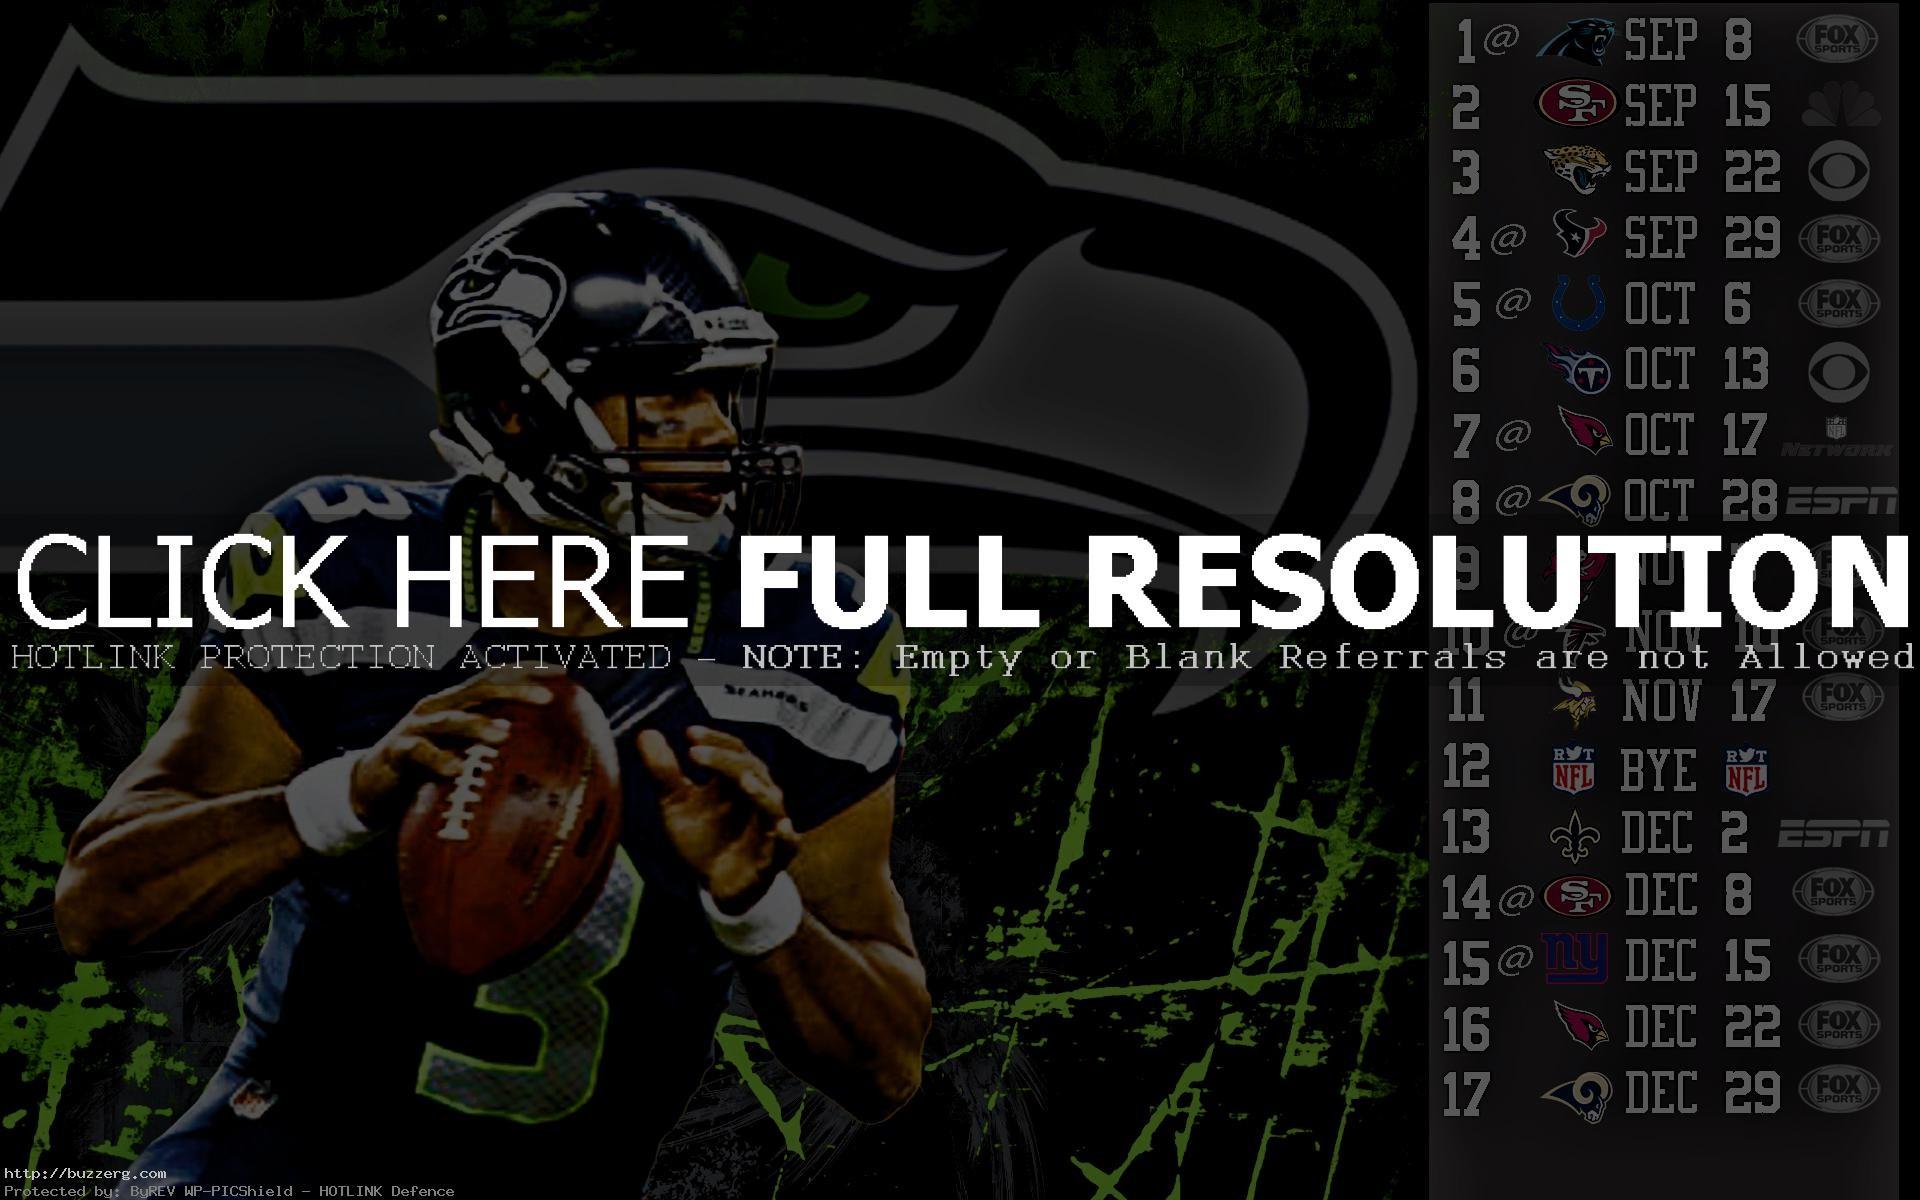 Seattle Seahawks R Sport (id: 164226)